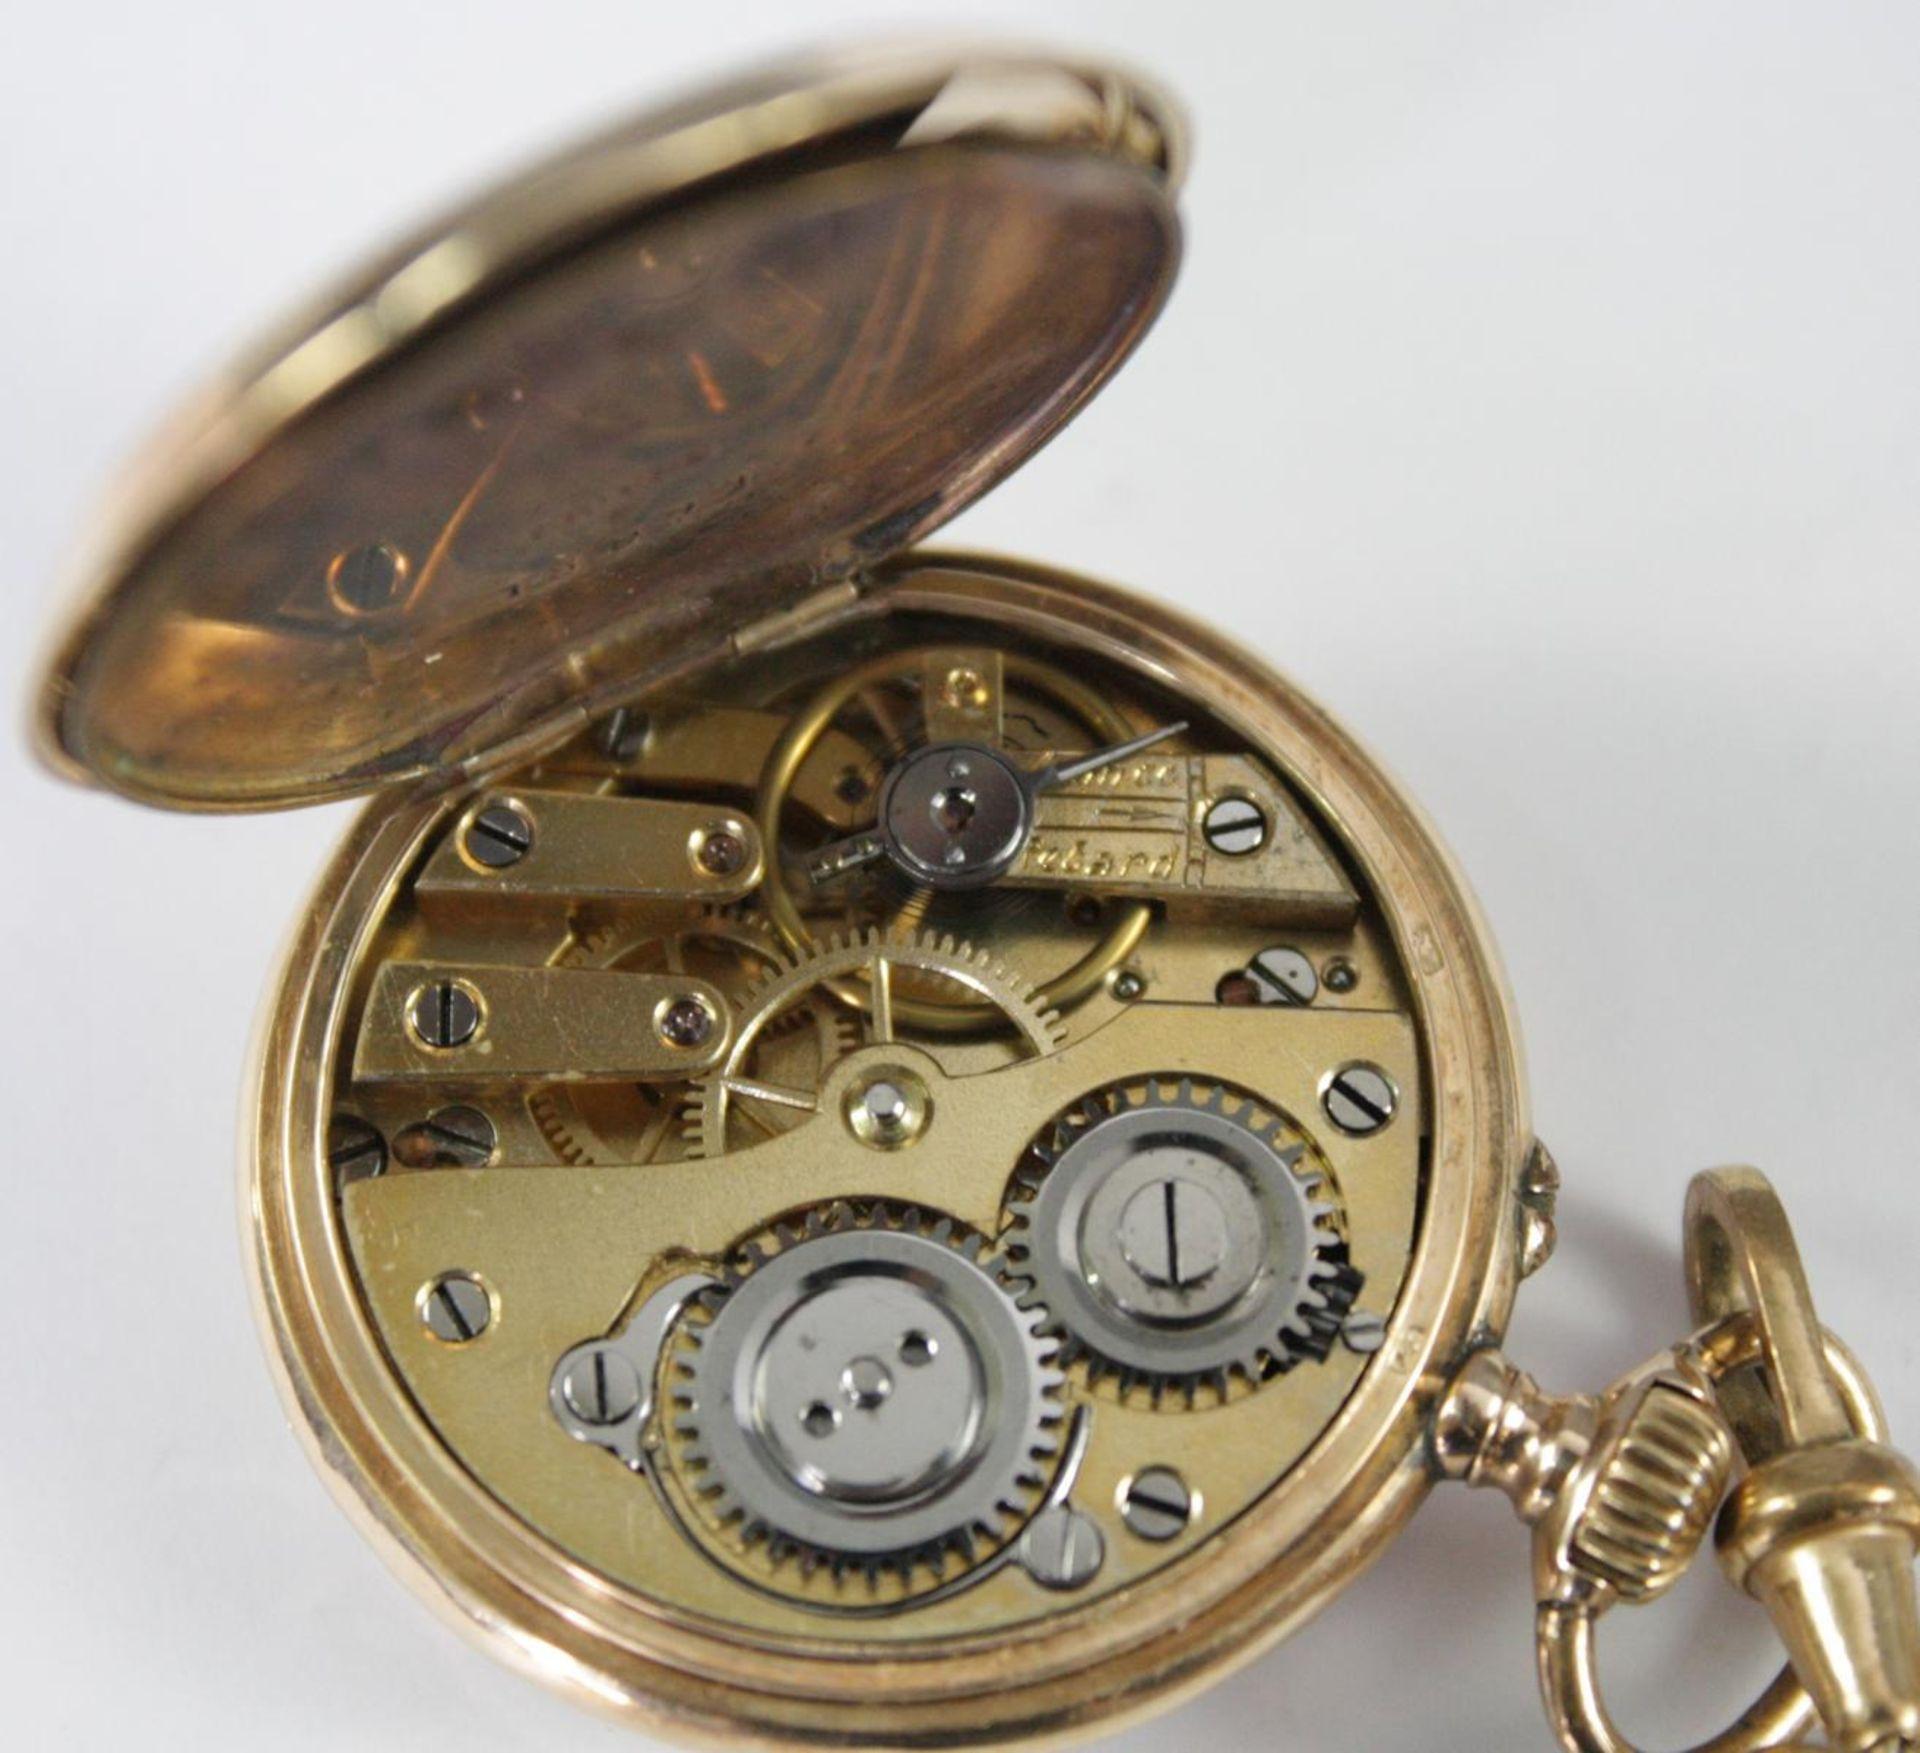 Goldene Damentaschenuhr, 14 Karat Gelbgold - Bild 5 aus 6